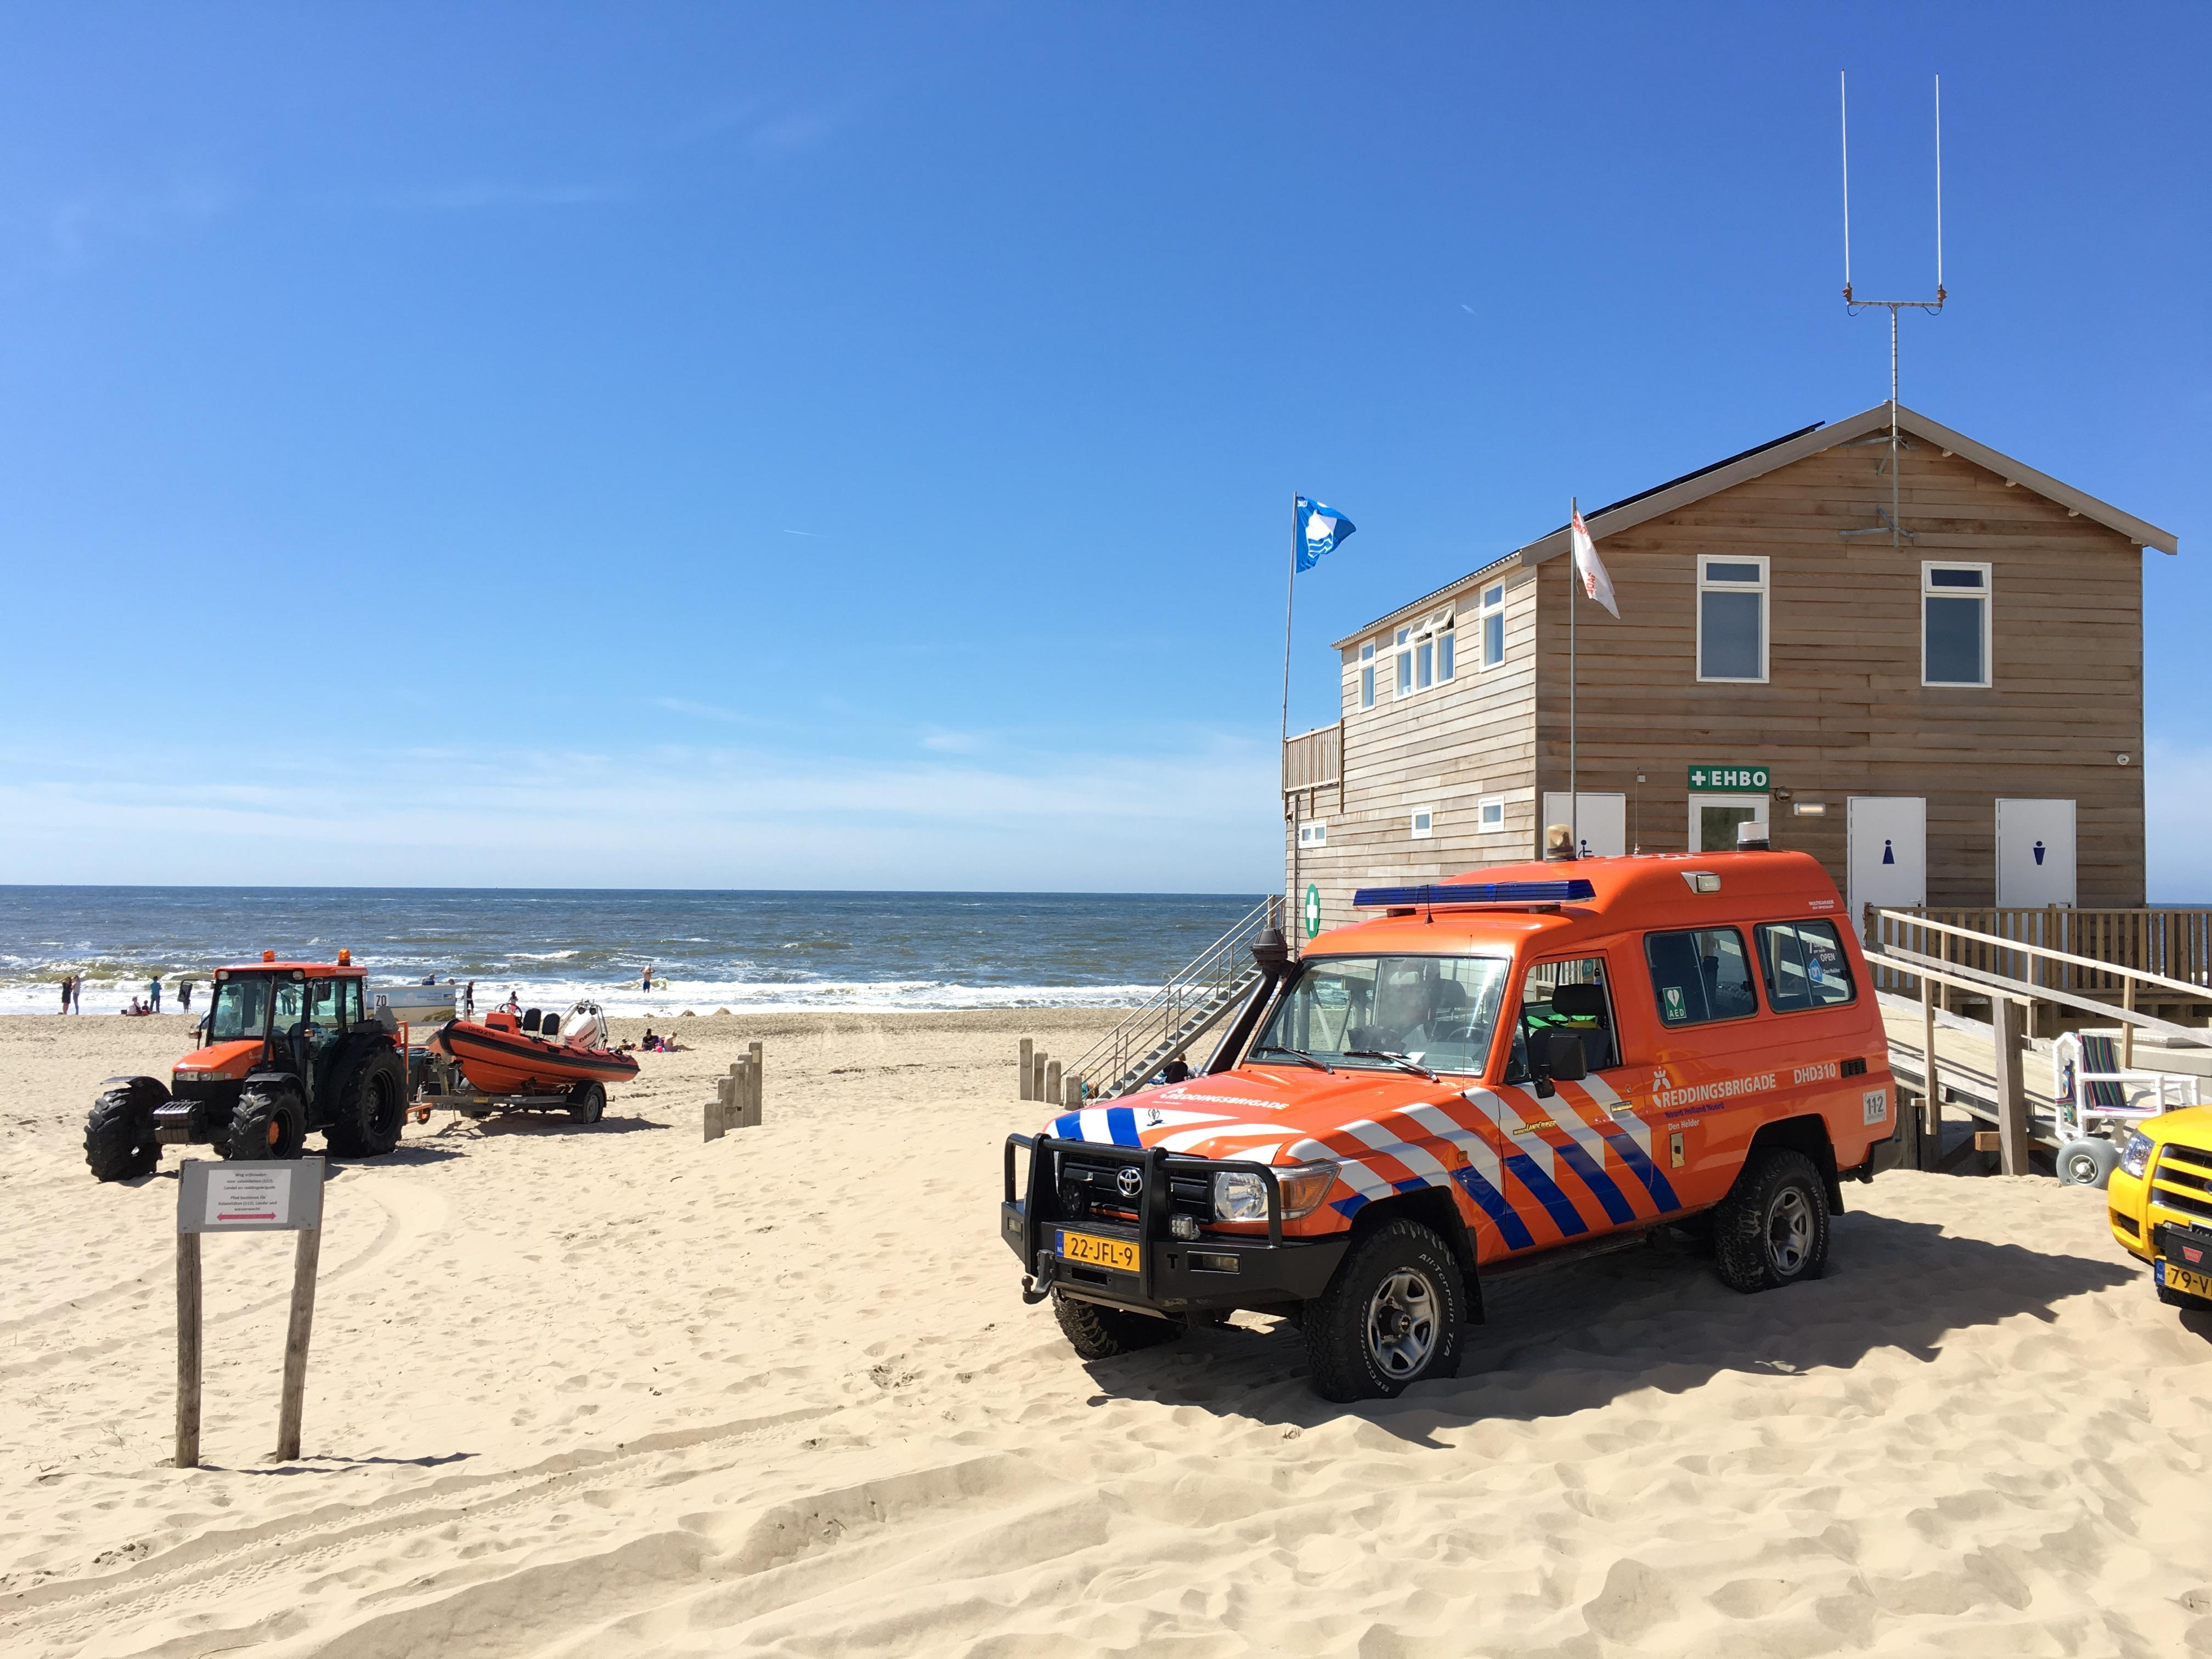 Reddingsbrigade waarschuwt voor koud zwemwater. 'Diep het water in gaan is af te raden'